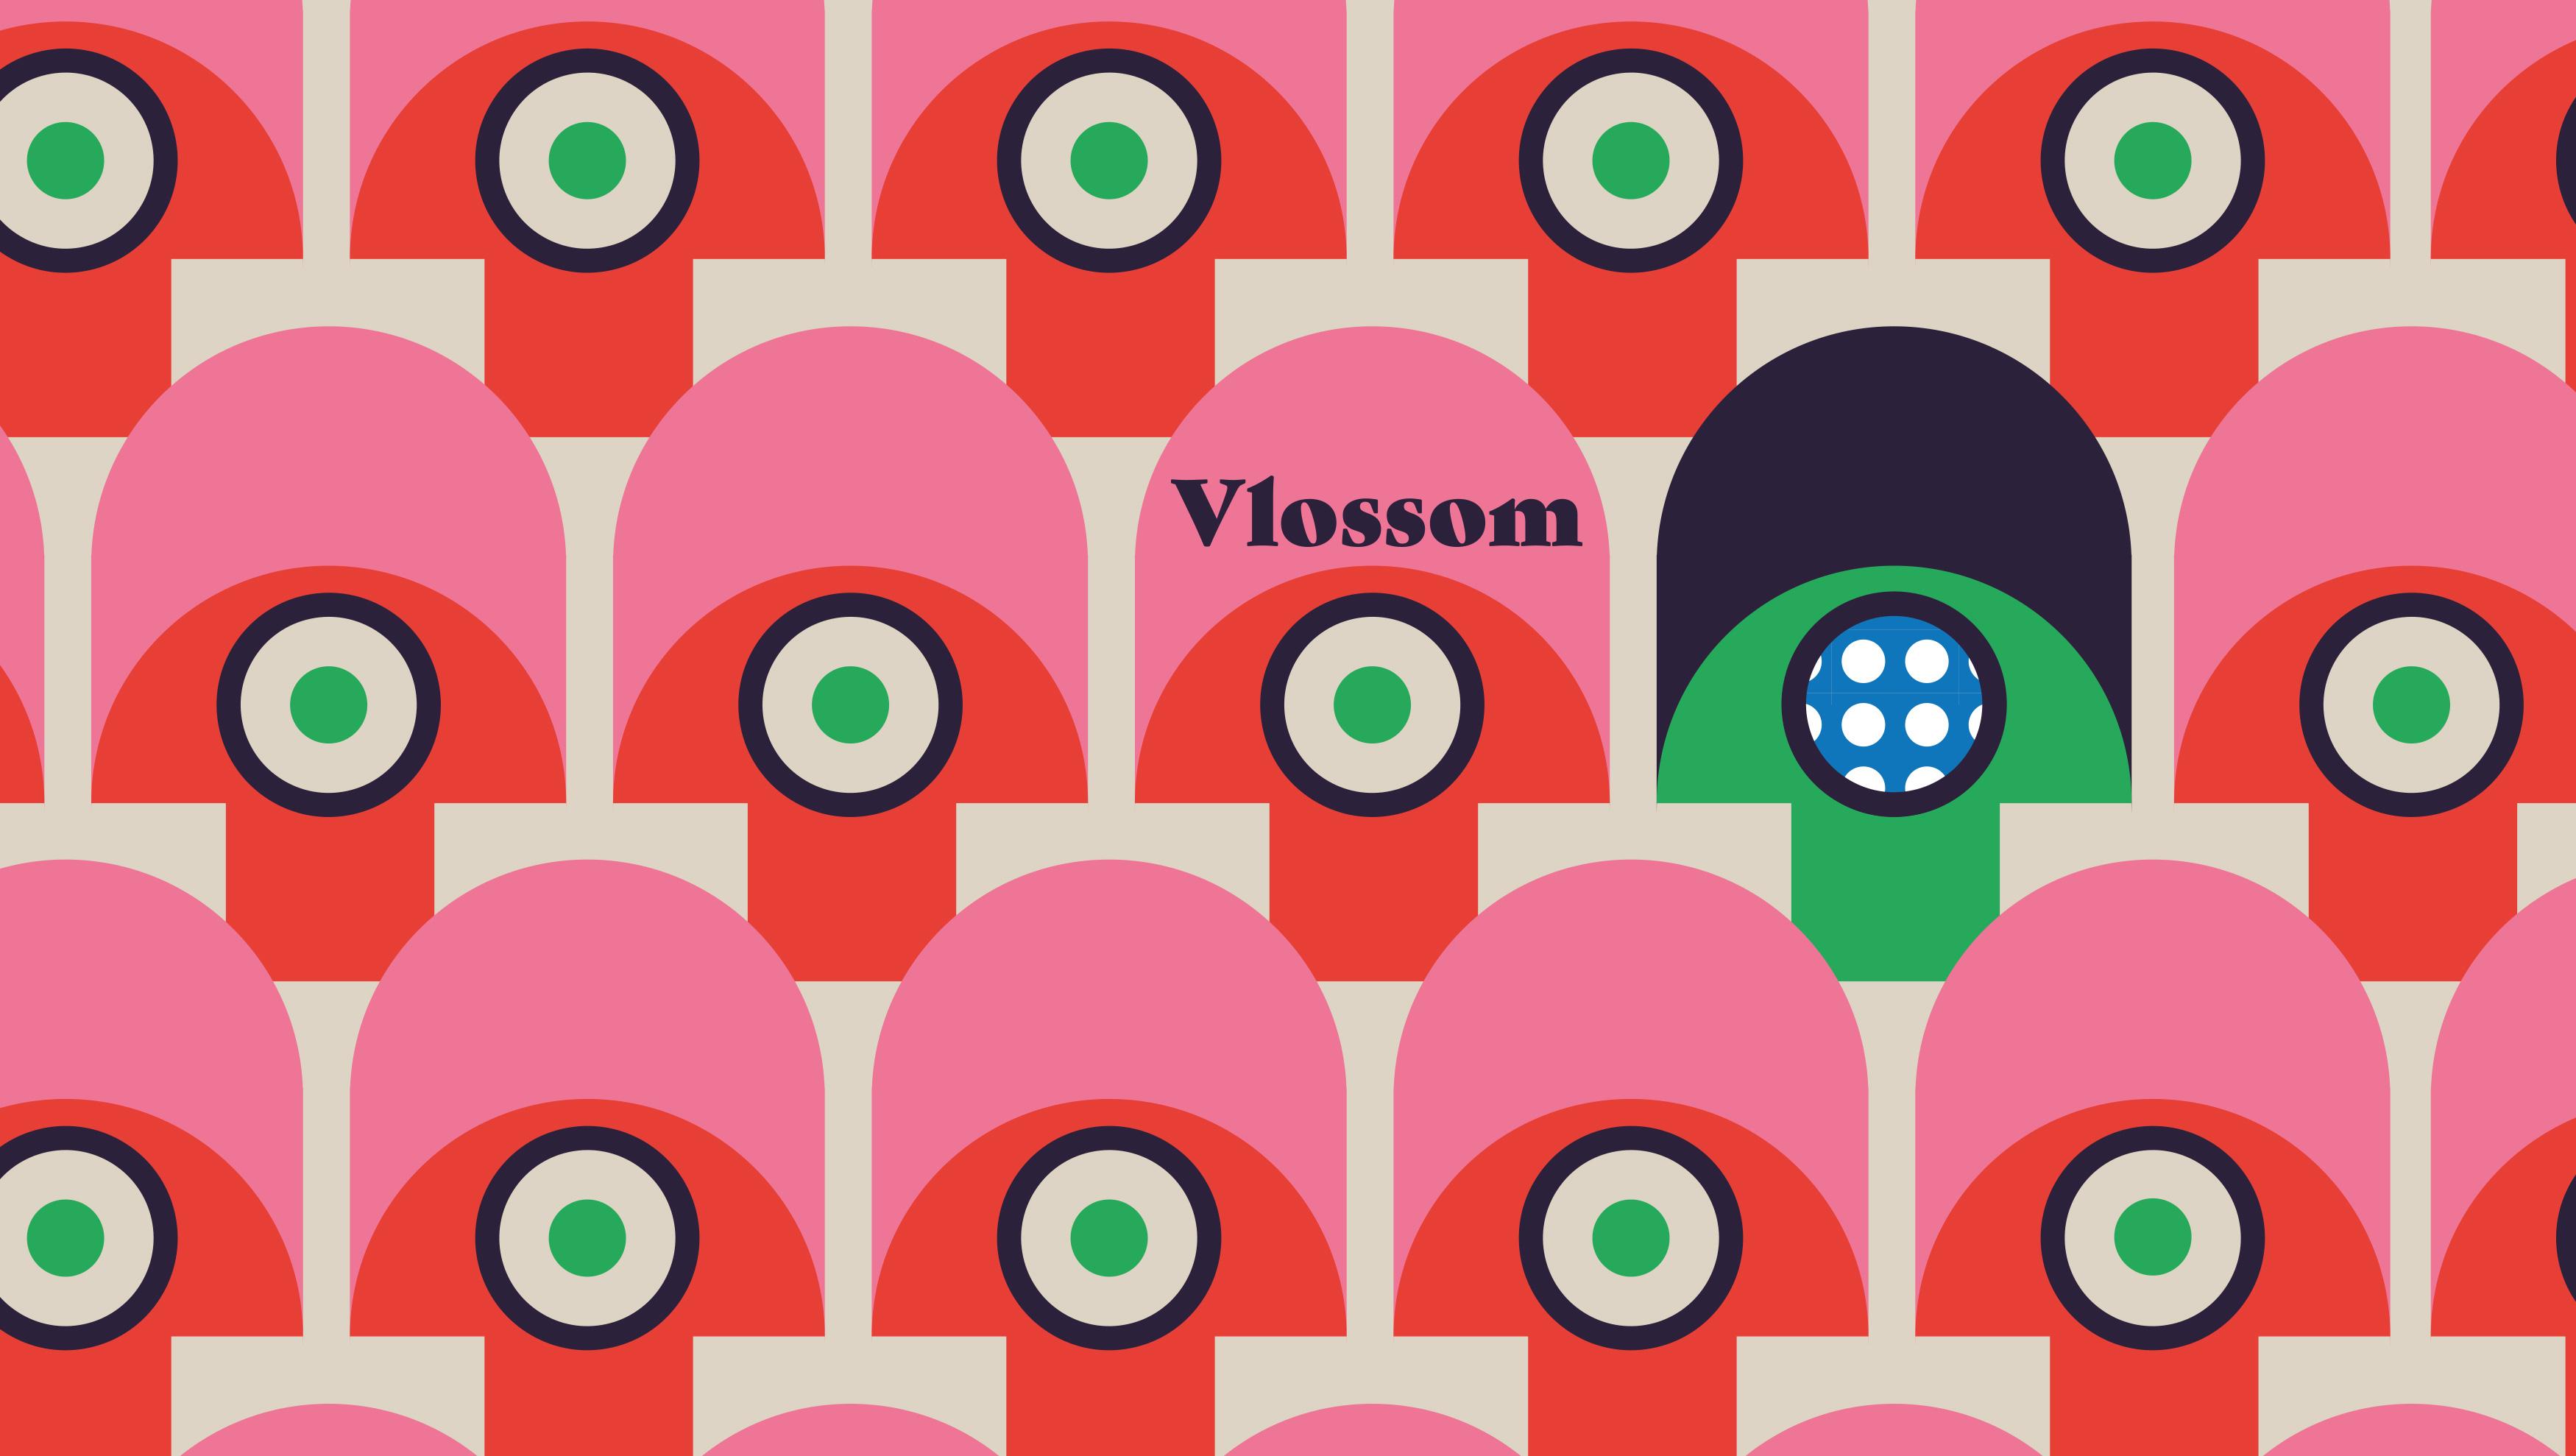 illustrations_cover_vlossom_laura_niubo-2